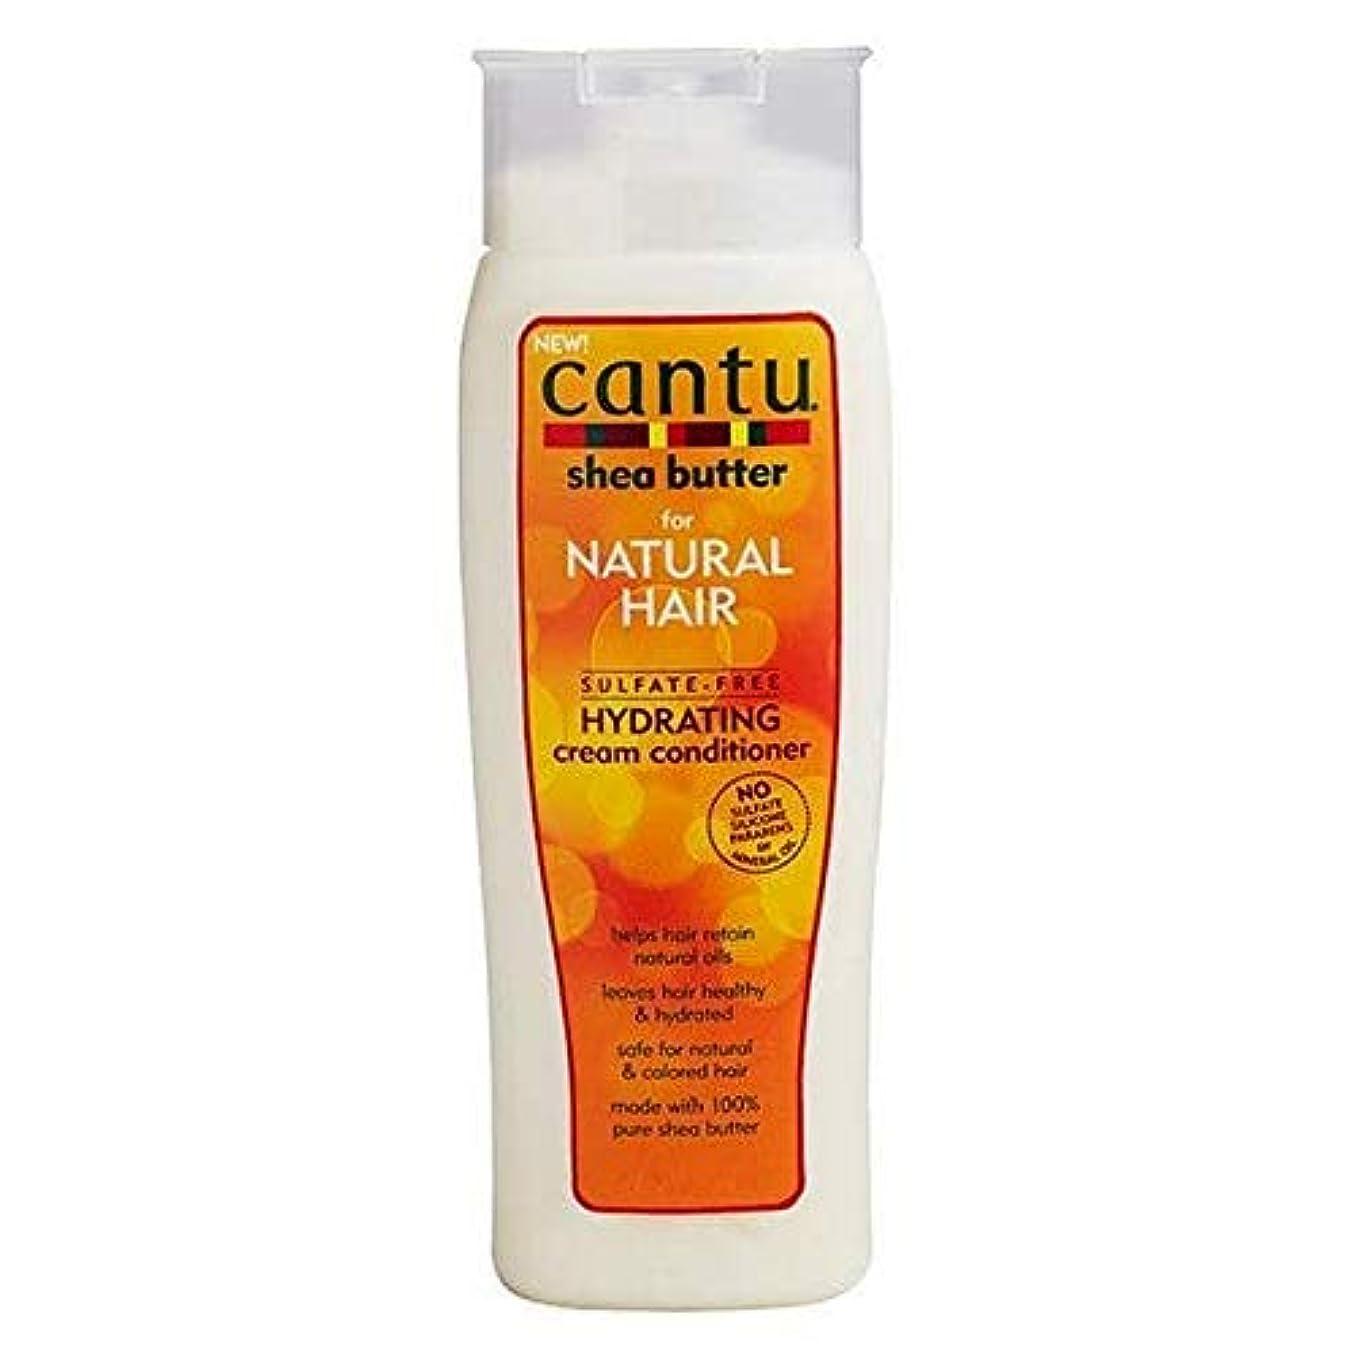 結果キャスト剥離[Cantu ] カントゥ硫酸フリーの水和クリームコンディショナー400ミリリットル - Cantu Sulfate-Free Hydrating Cream Conditioner 400ml [並行輸入品]